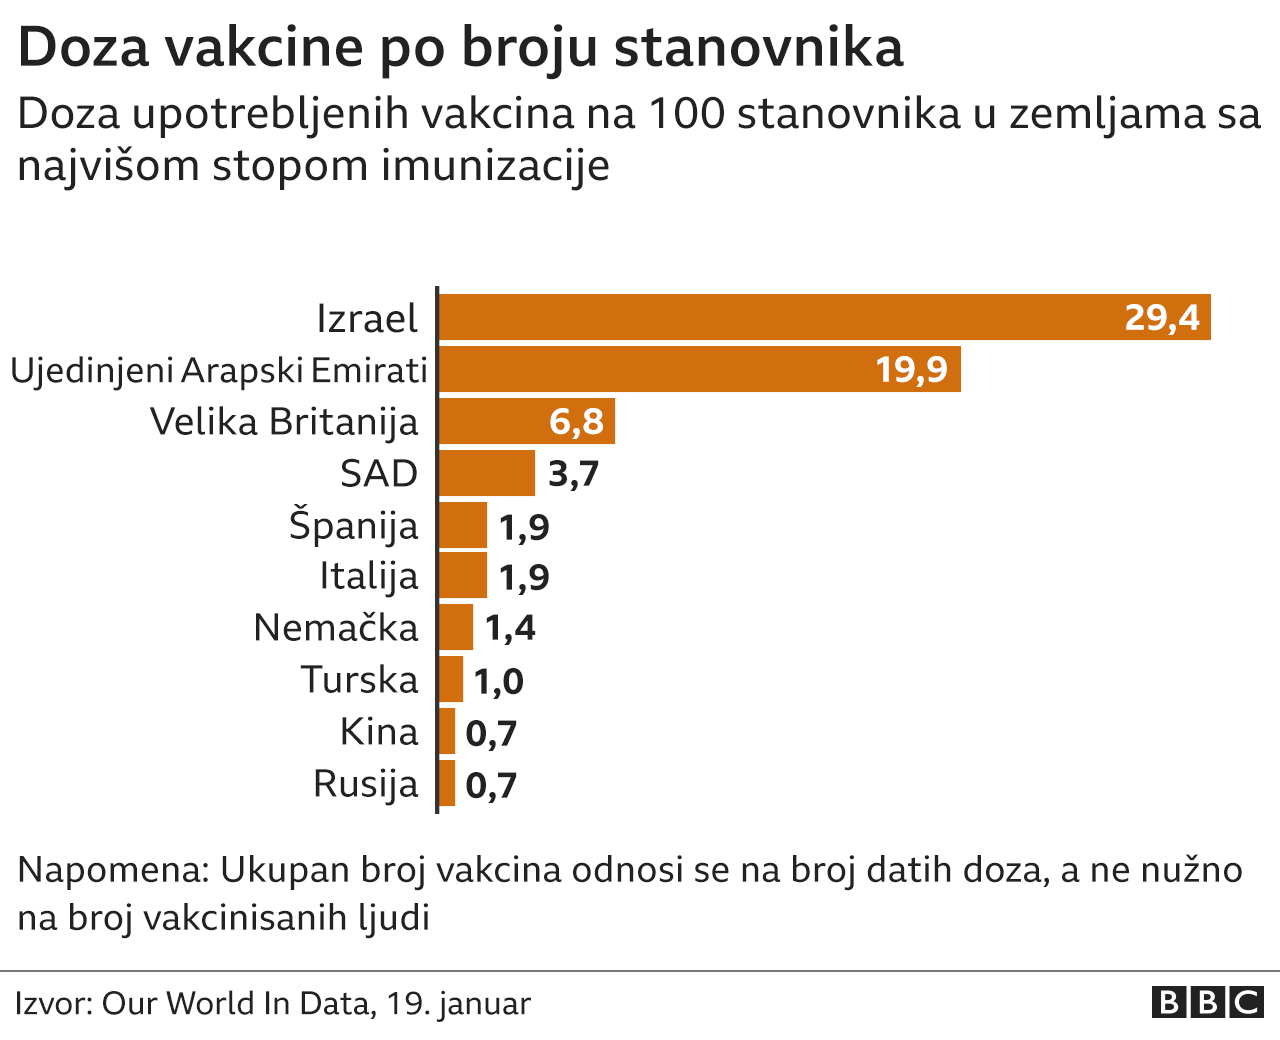 Doza vakcine po broju stanovnika